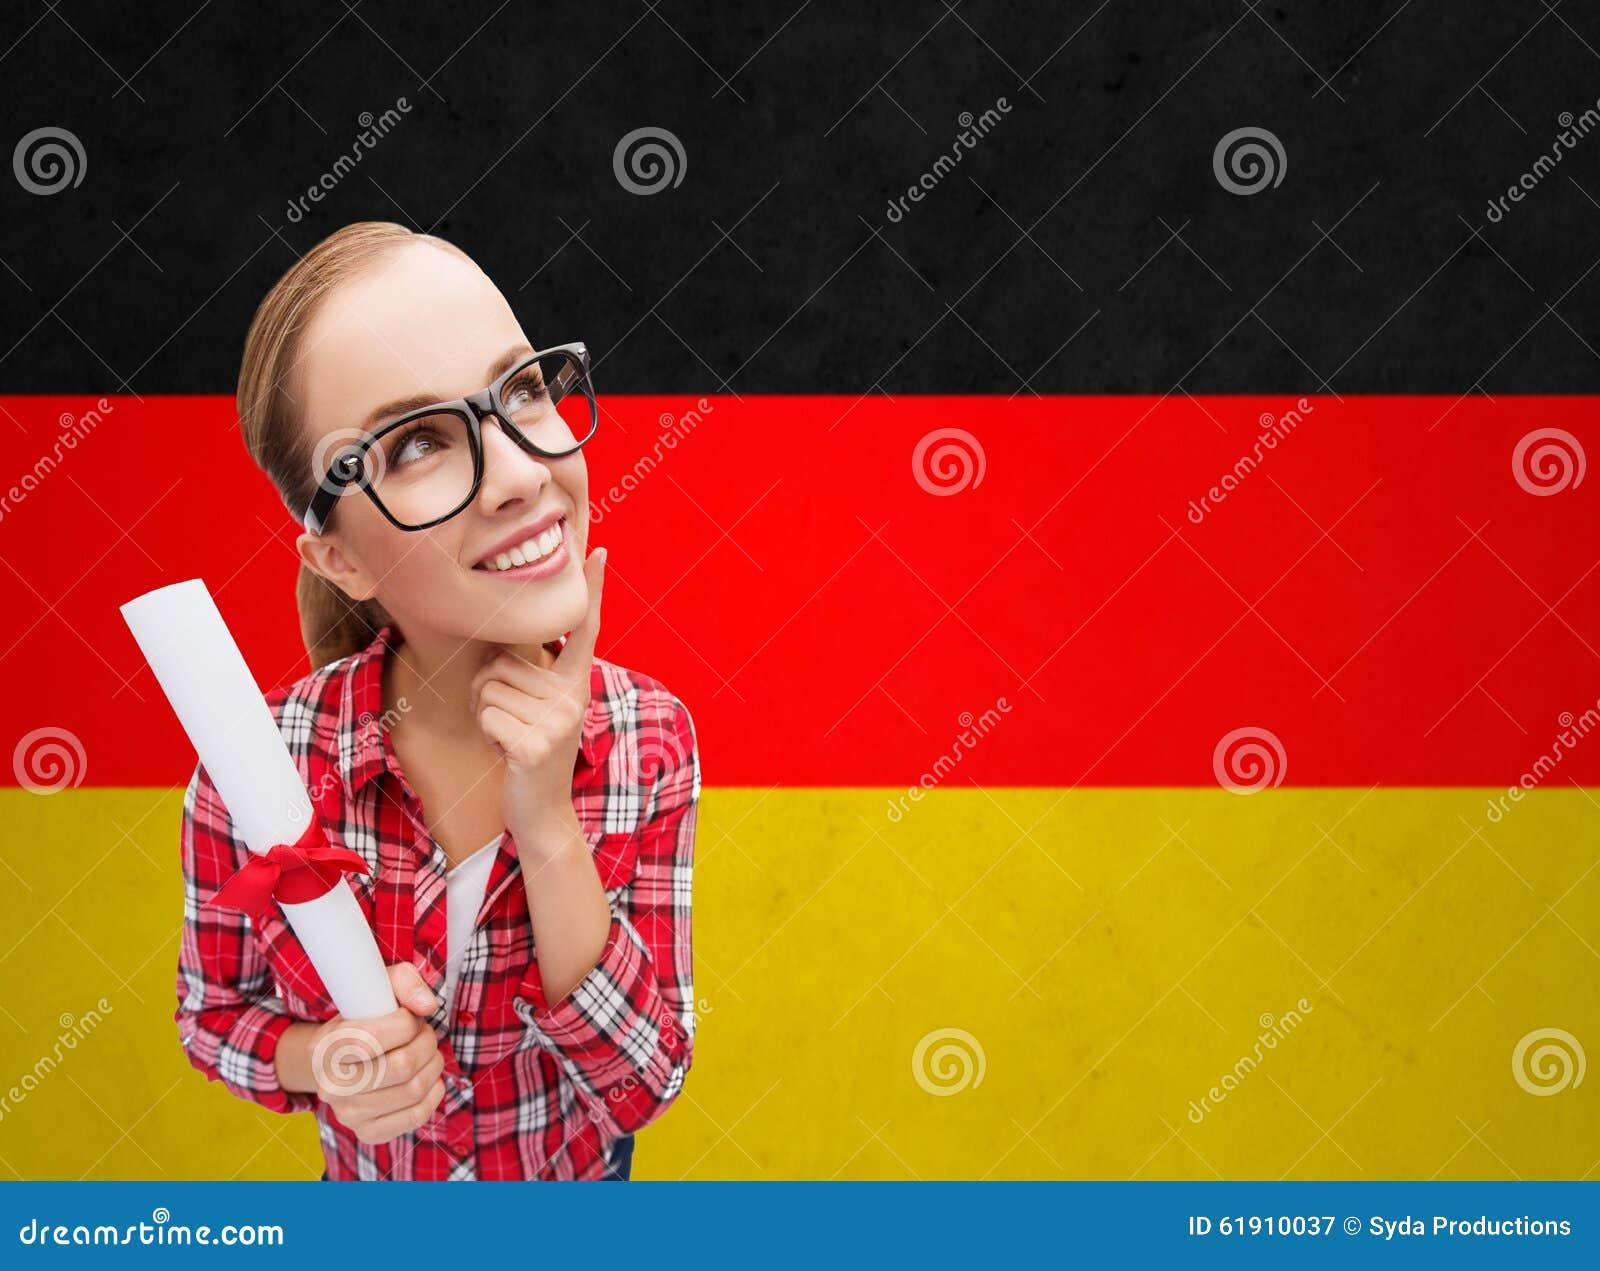 Download Glimlachende Student Met Diploma Over Duitse Vlag Stock Afbeelding    Afbeelding Bestaande Uit Grappig,